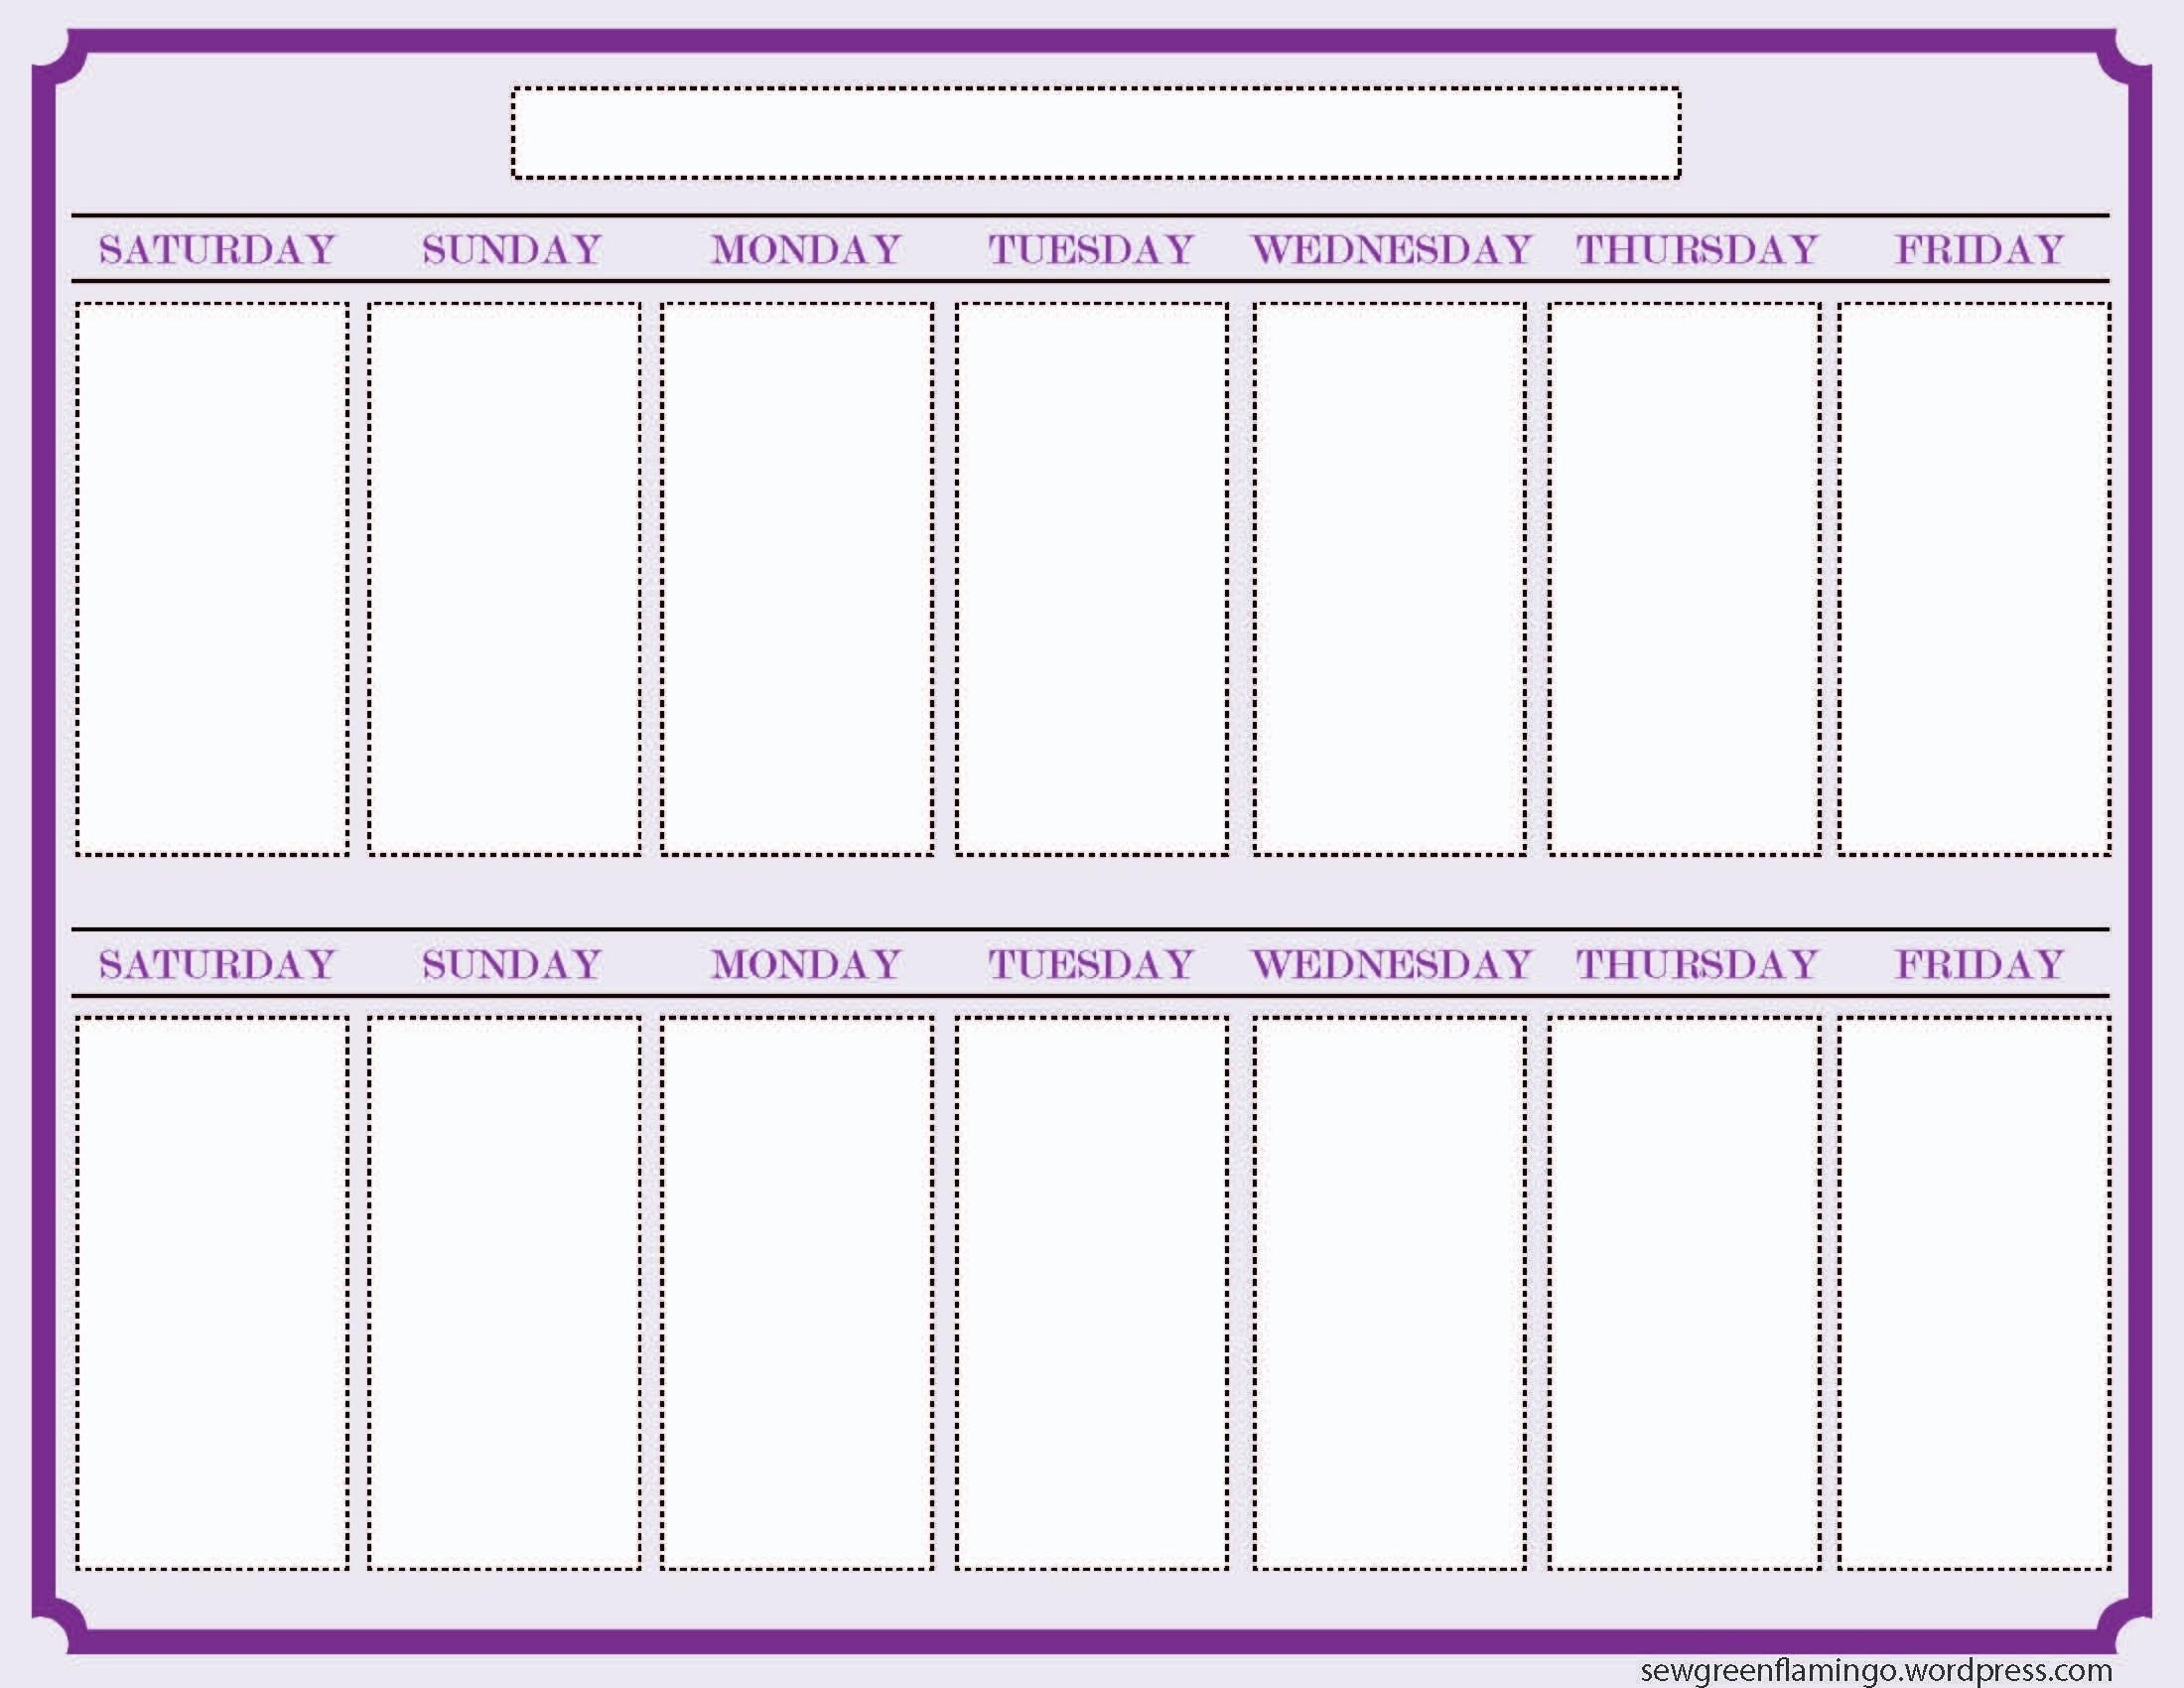 Calendar Template 2 Week Printable 2 Week Calendar Template 327607 in Two Week Calendar Template Free